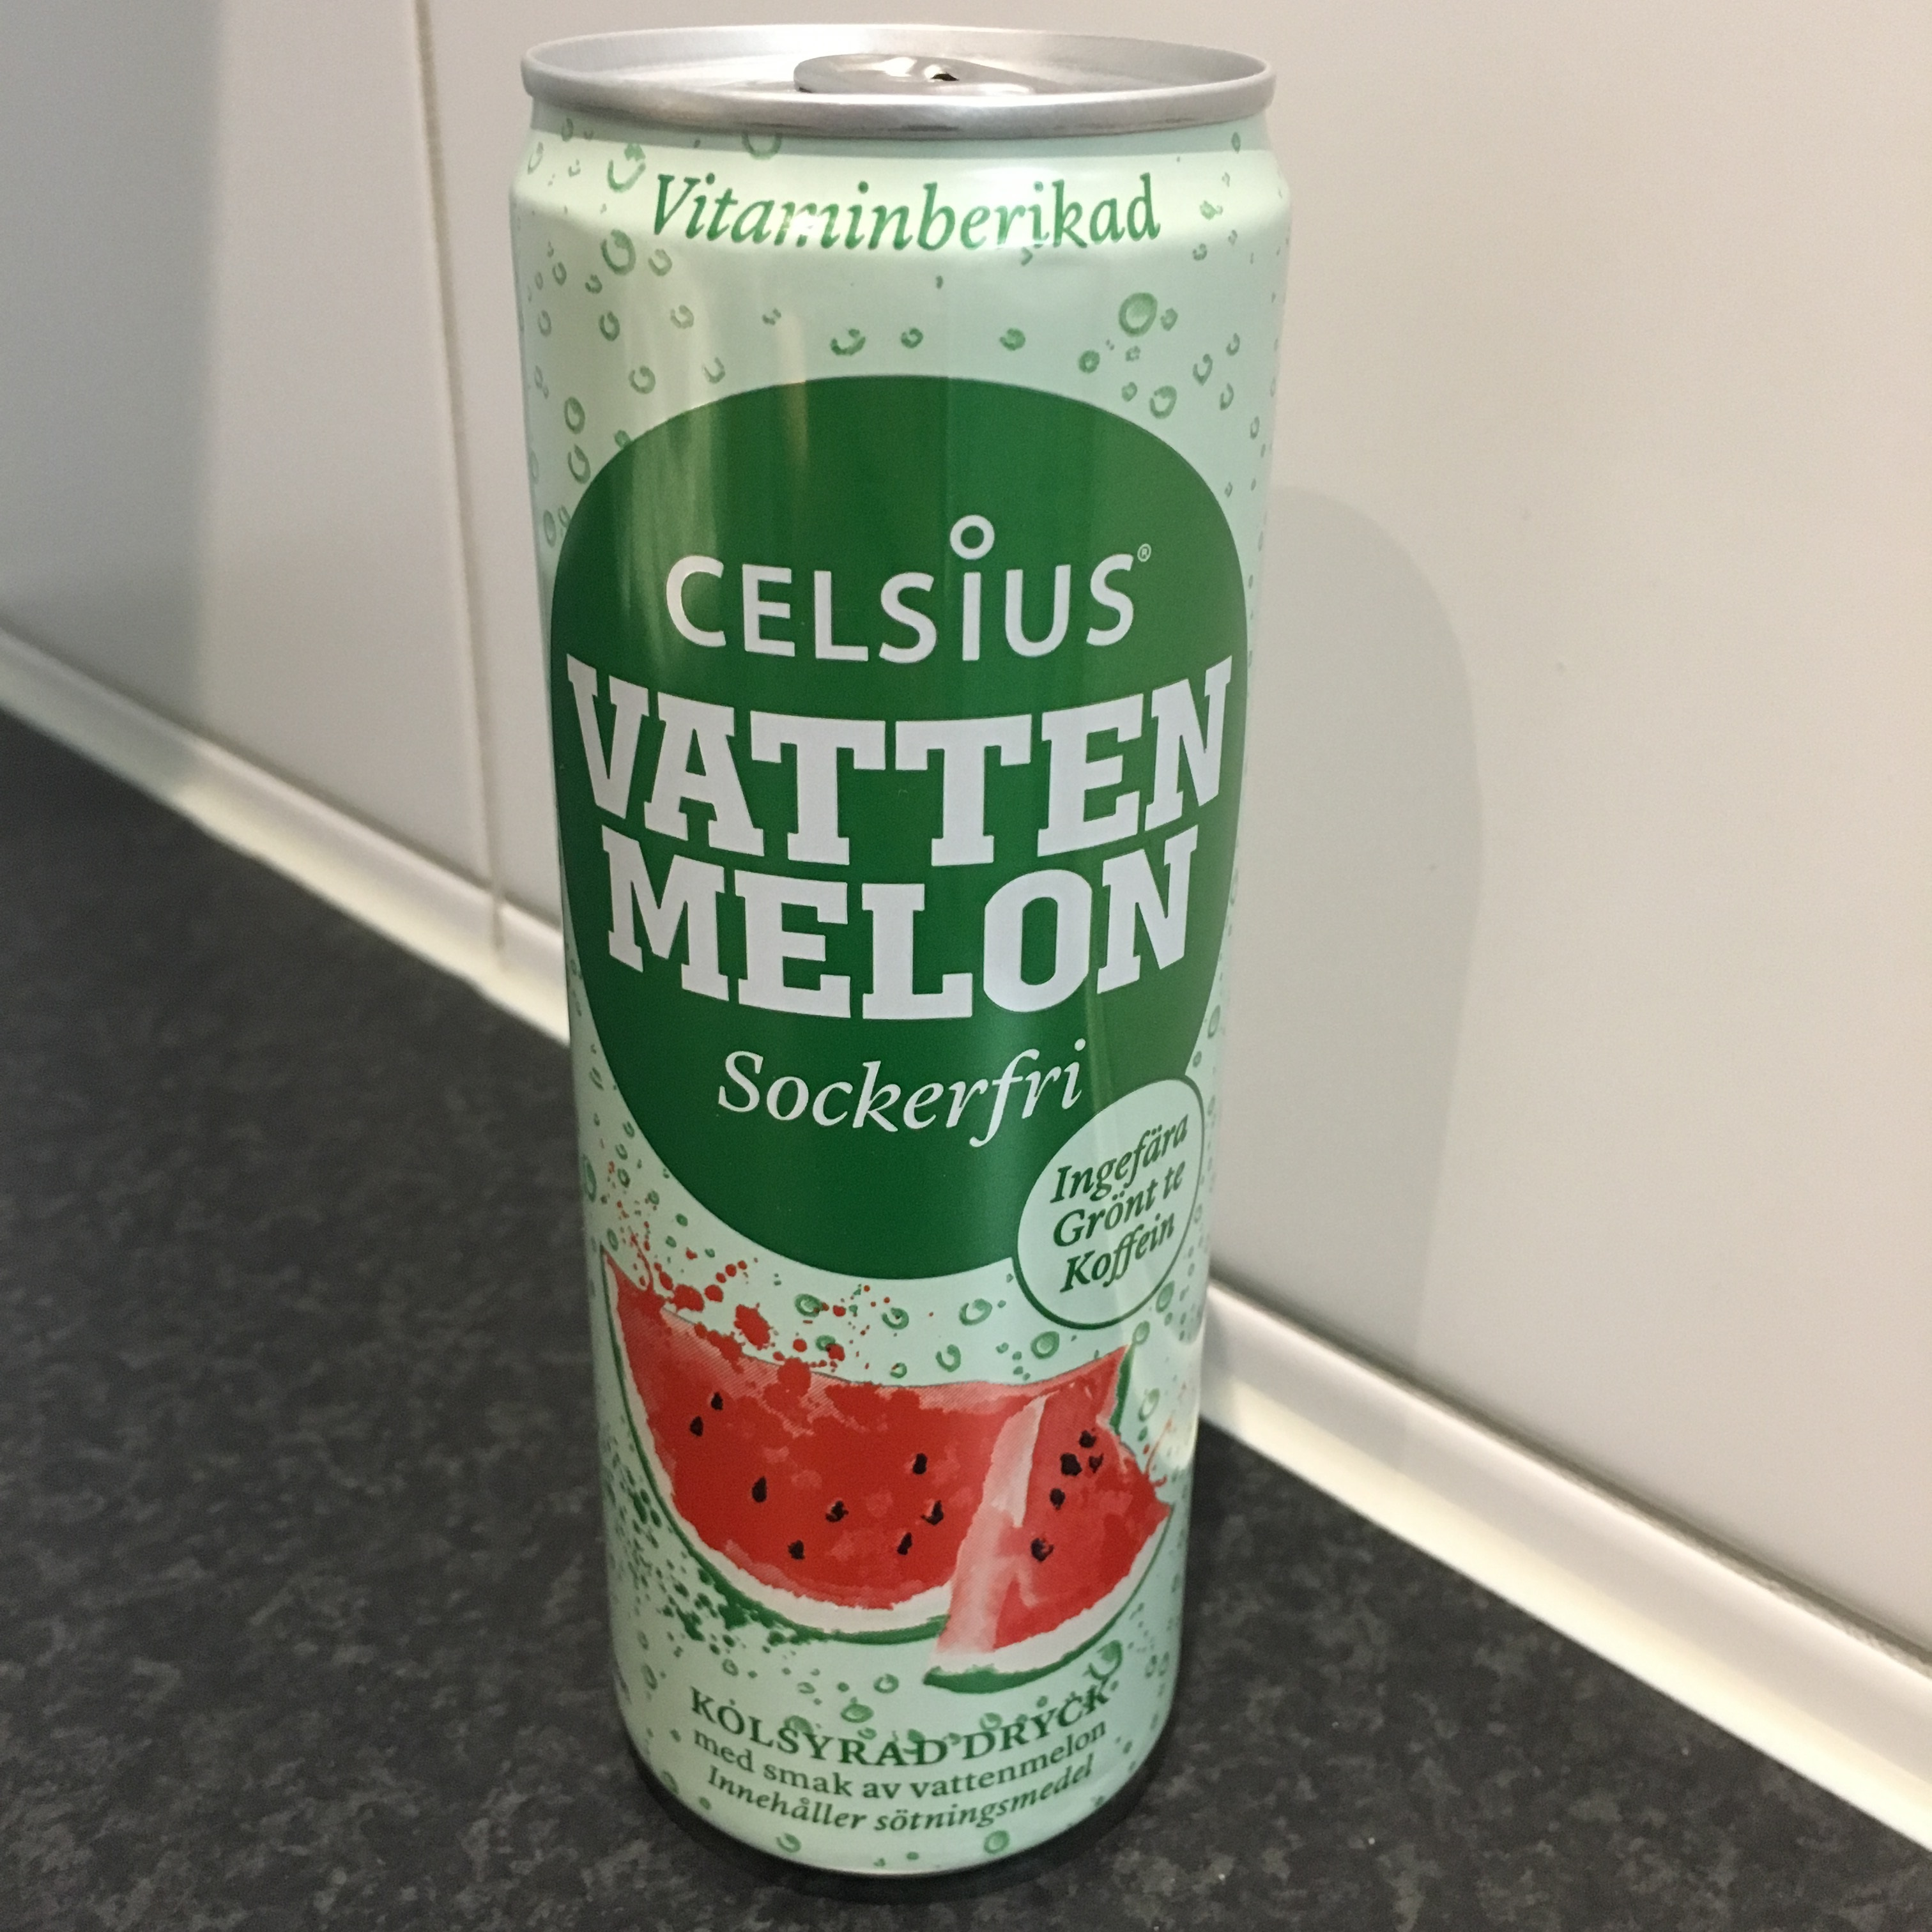 Celsius Vattenmelon